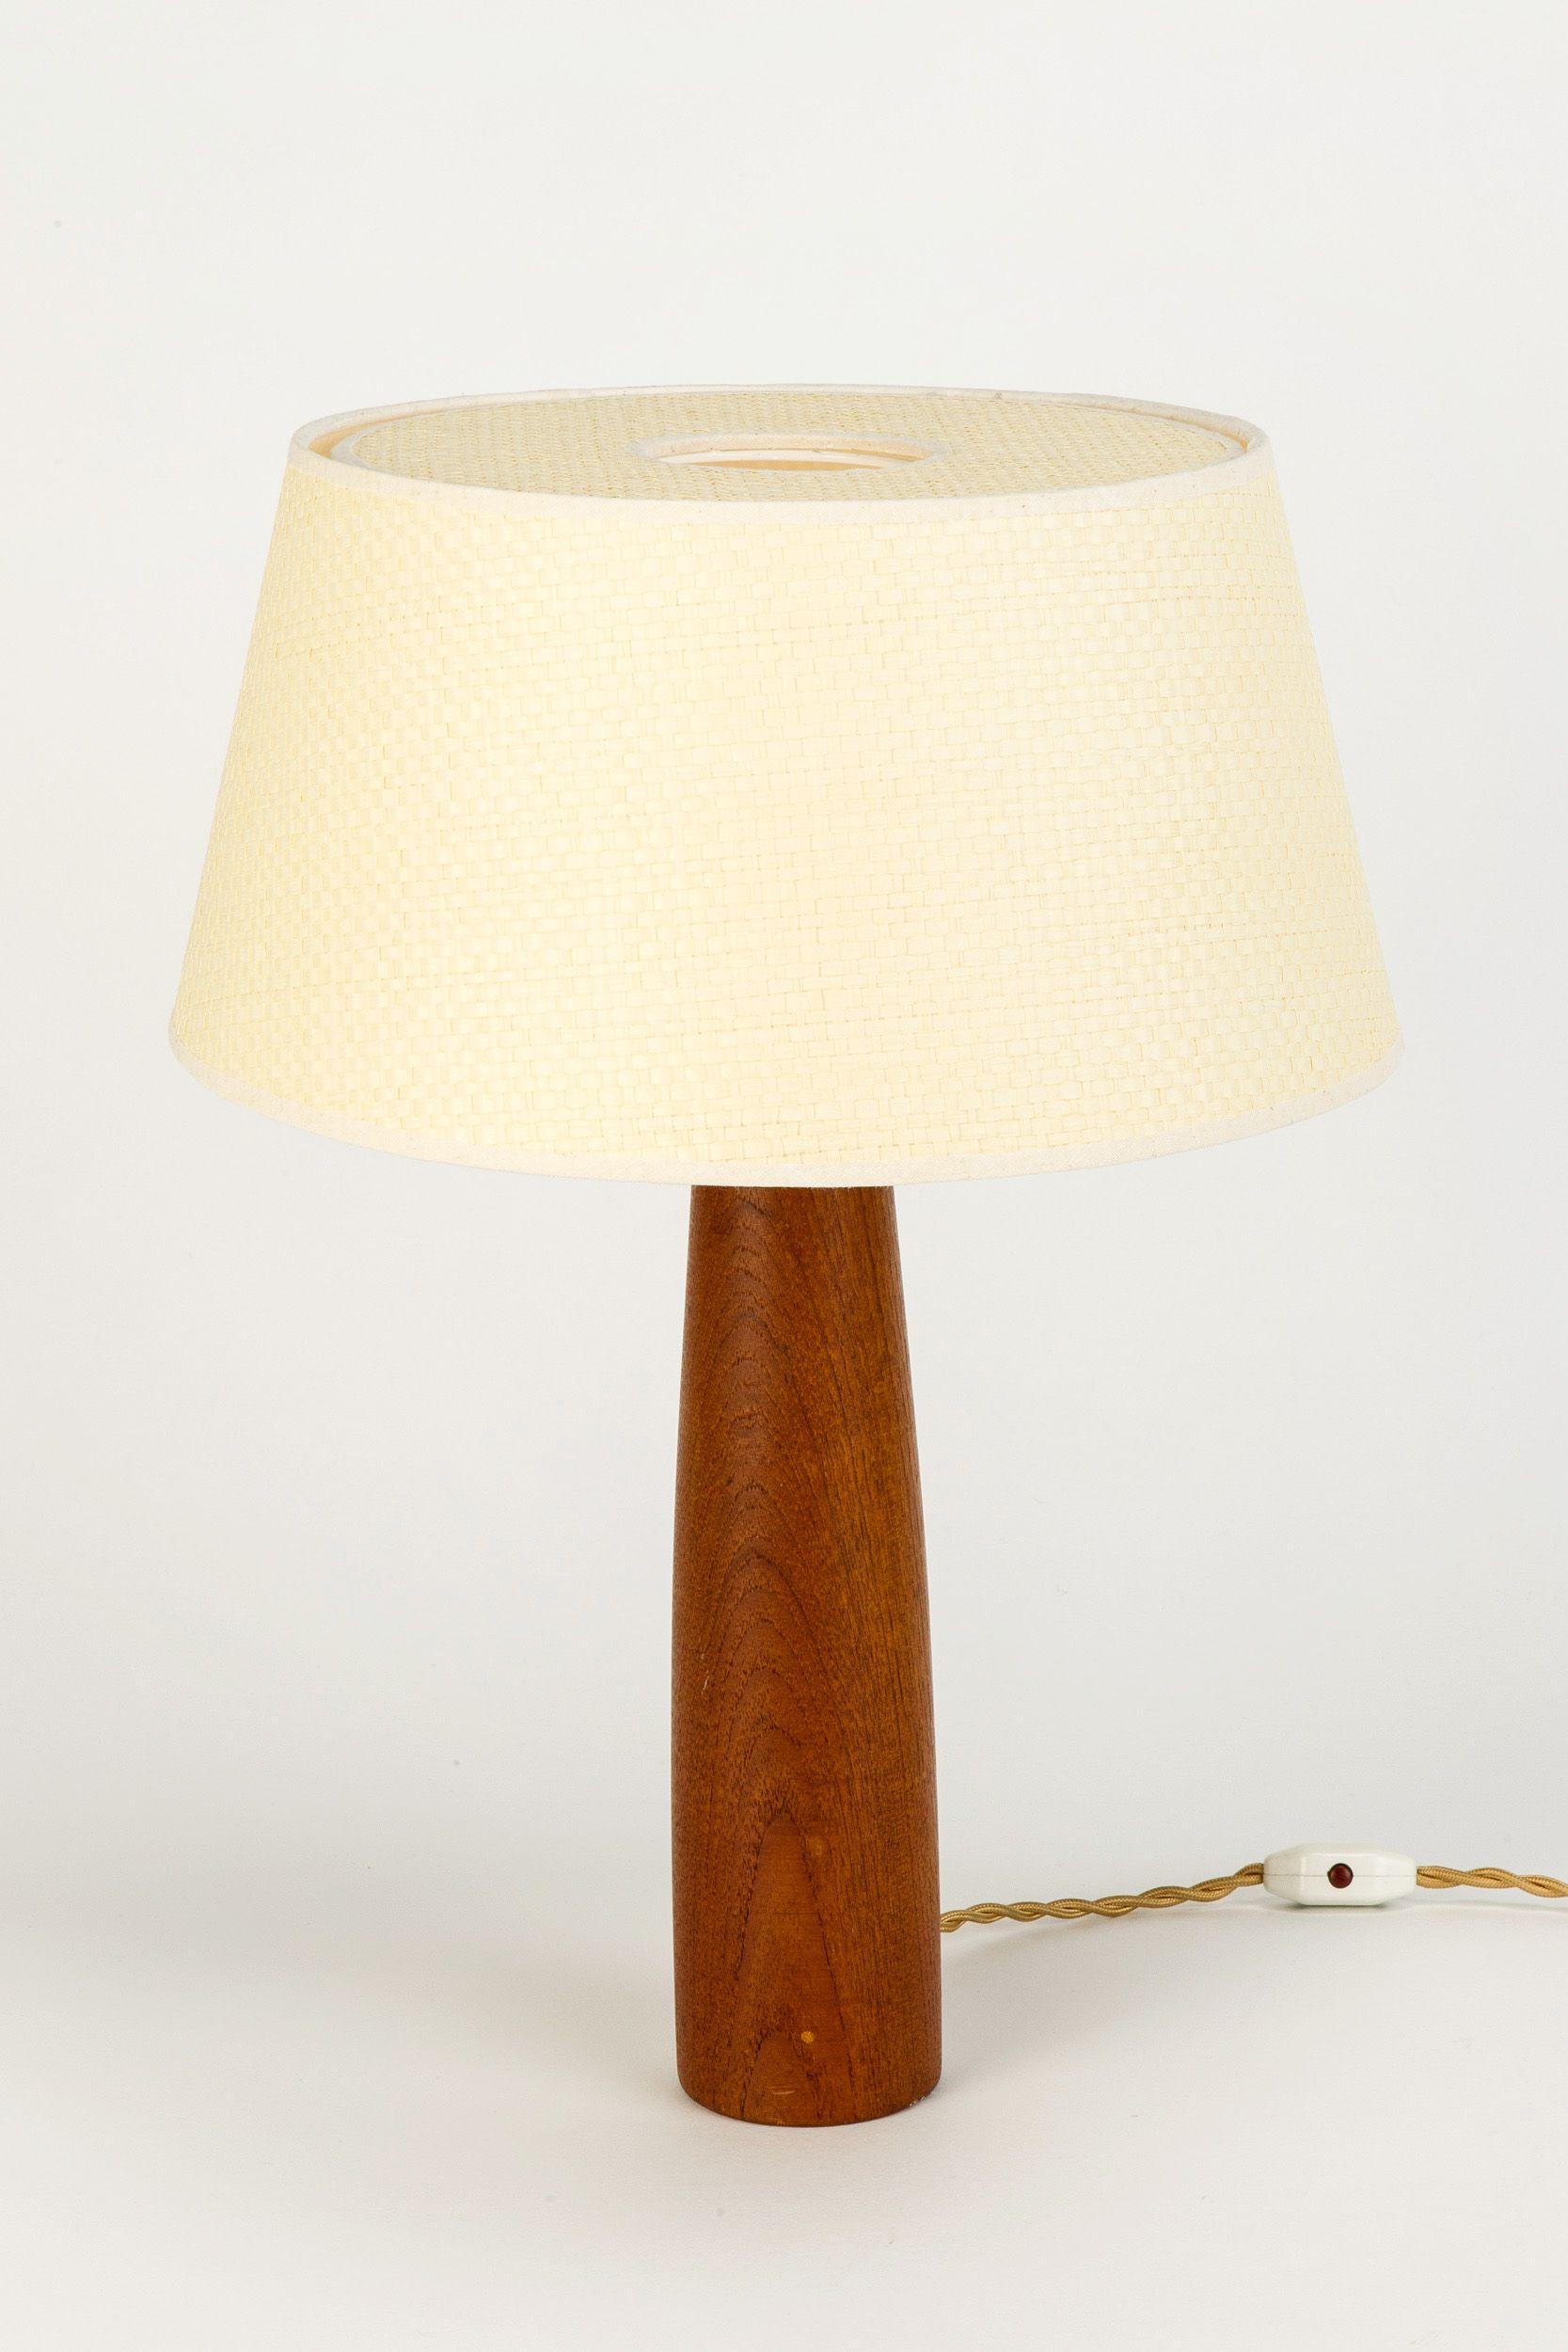 Résultat Supérieur 60 Bon Marché Lampe Bureau Vintage s 2018